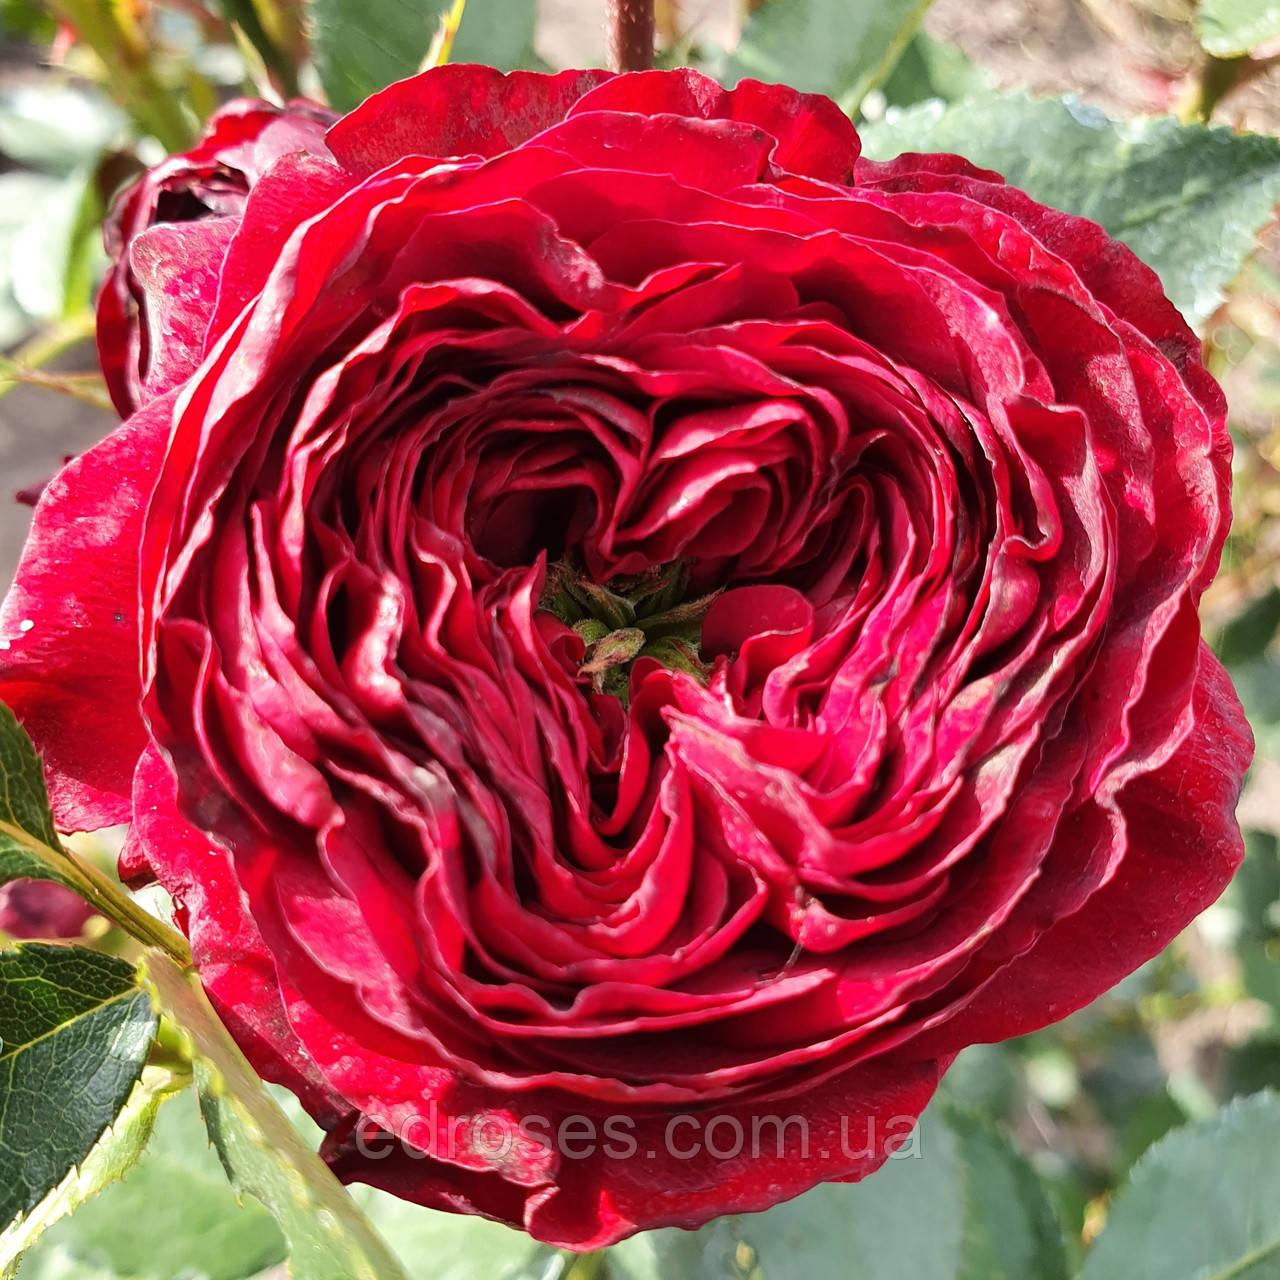 Майрас Ред  (Mayra's Red)